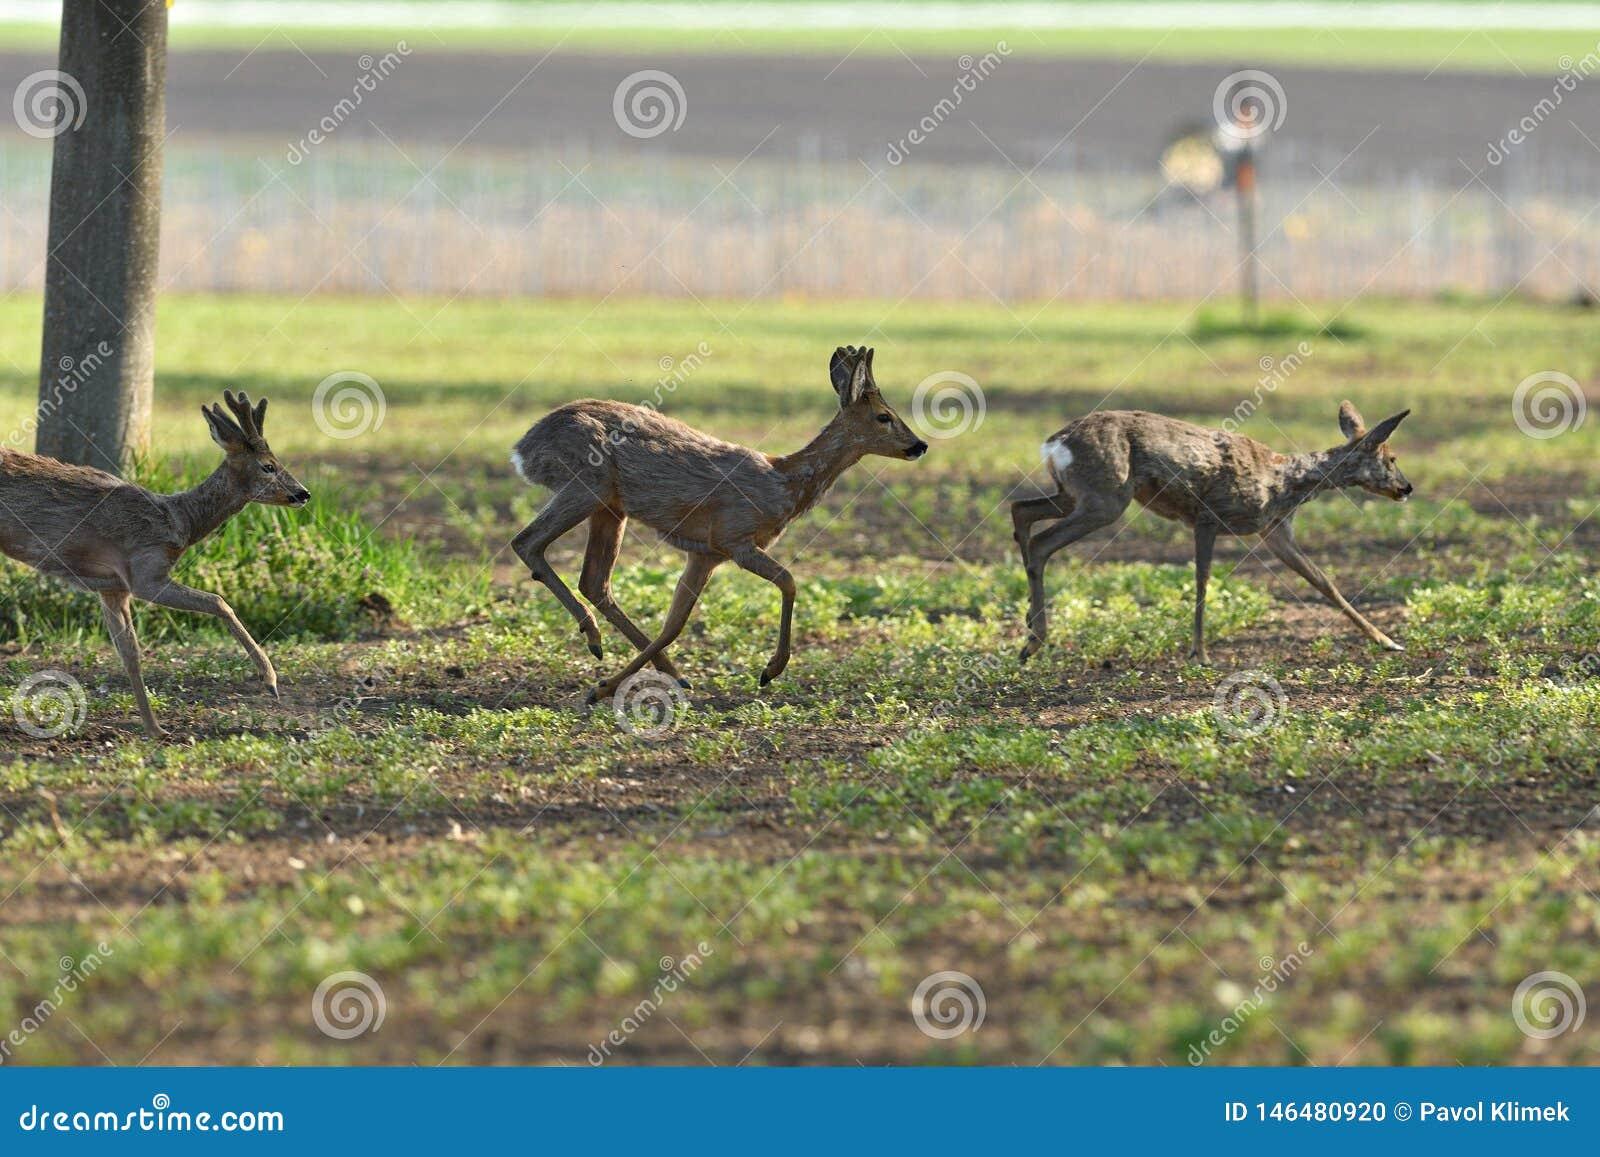 Herd of roe deer running through a farm field in spring